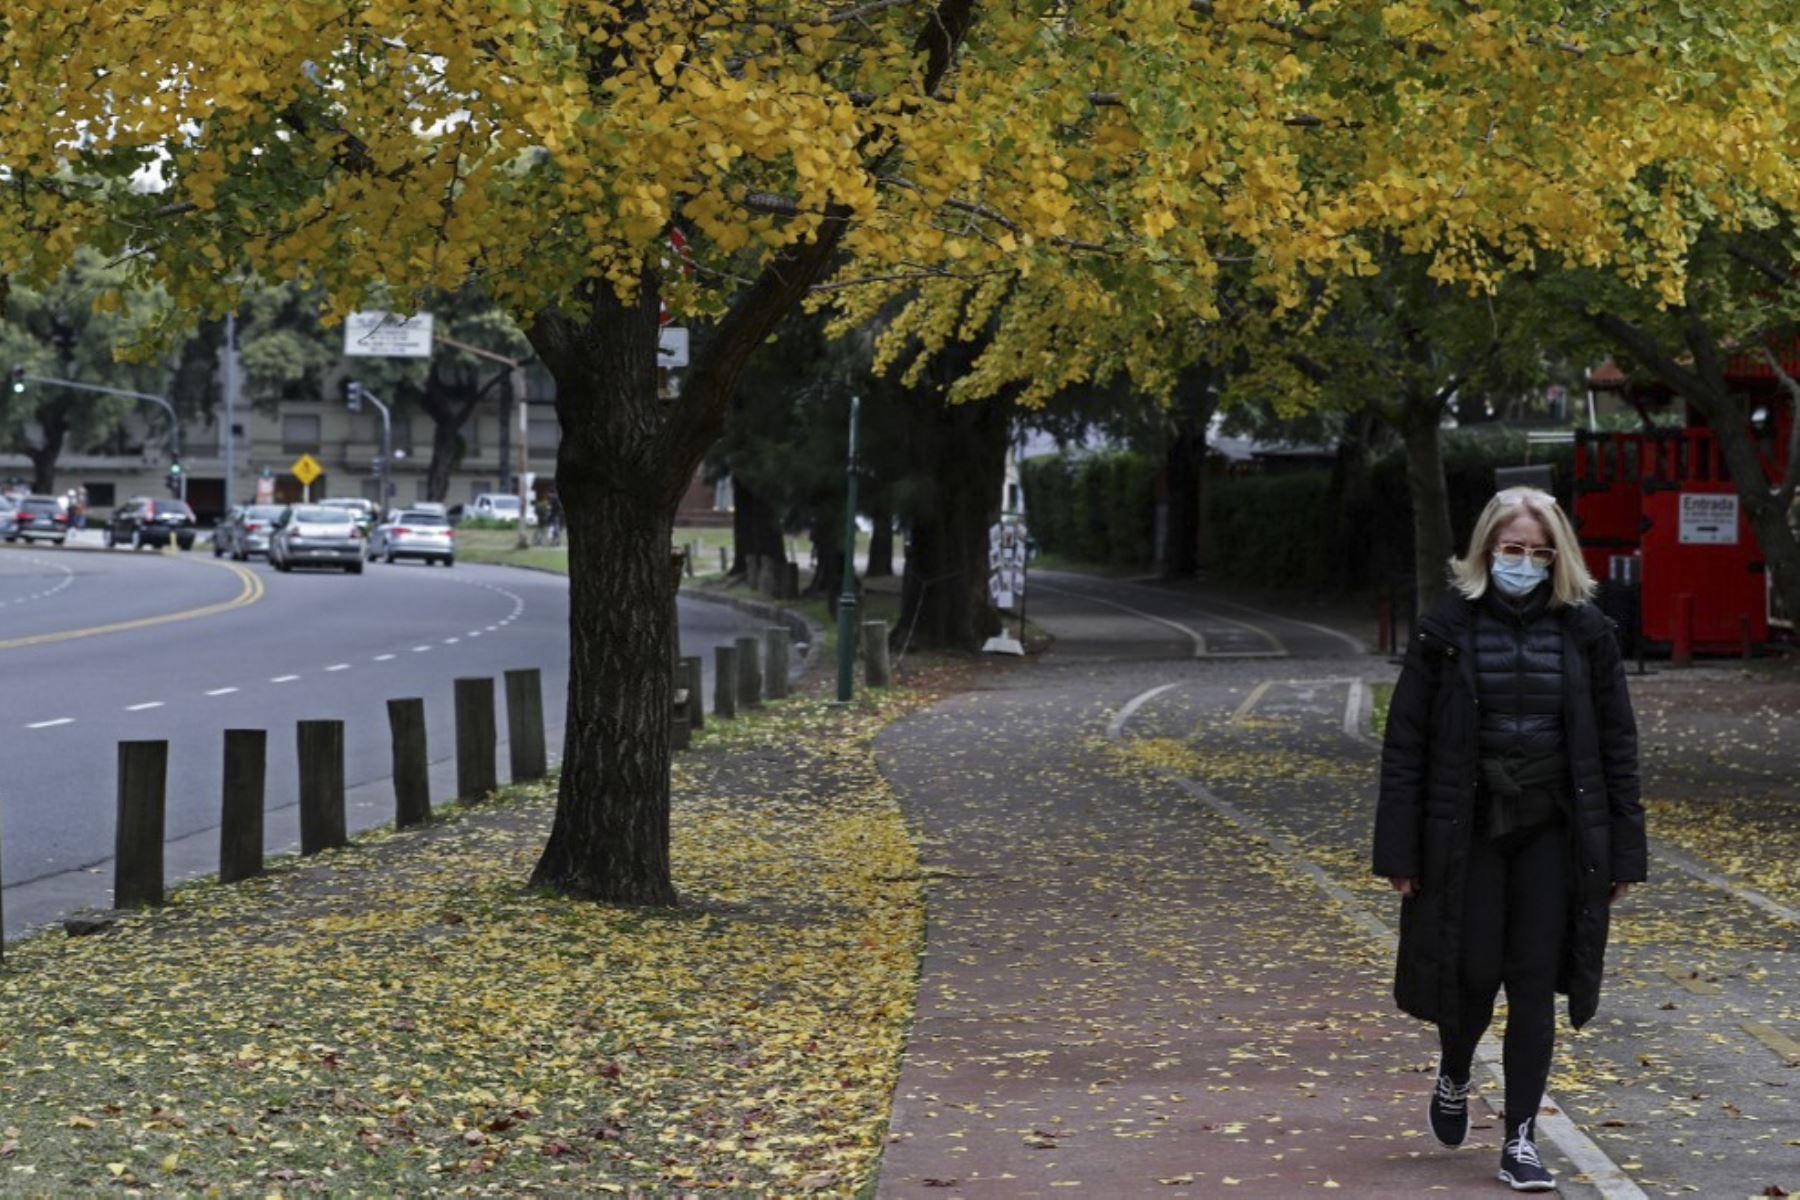 Una mujer con mascarilla protectora camina en un parque en el barrio de Palermo en Buenos Aires. Foto: AFP